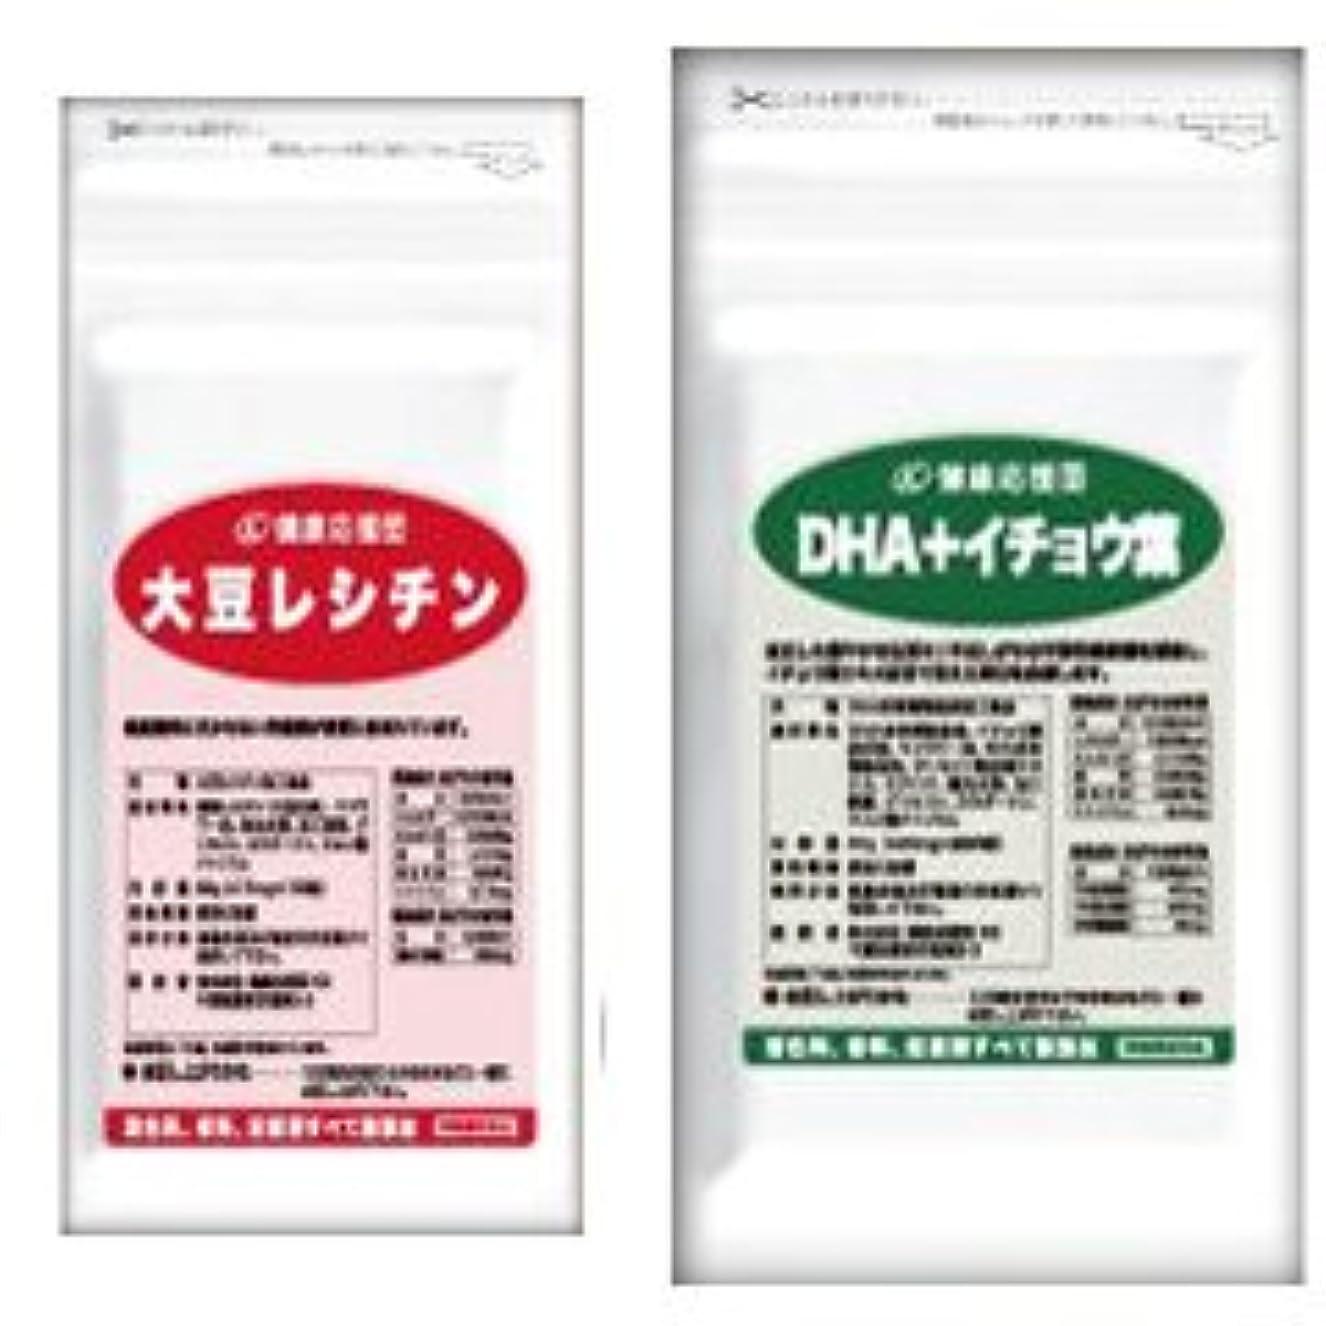 平らにする時計見る流れサラサラセット 大豆レシチン+(DHA+イチョウ葉) (DHA?EPA?イチョウ葉)